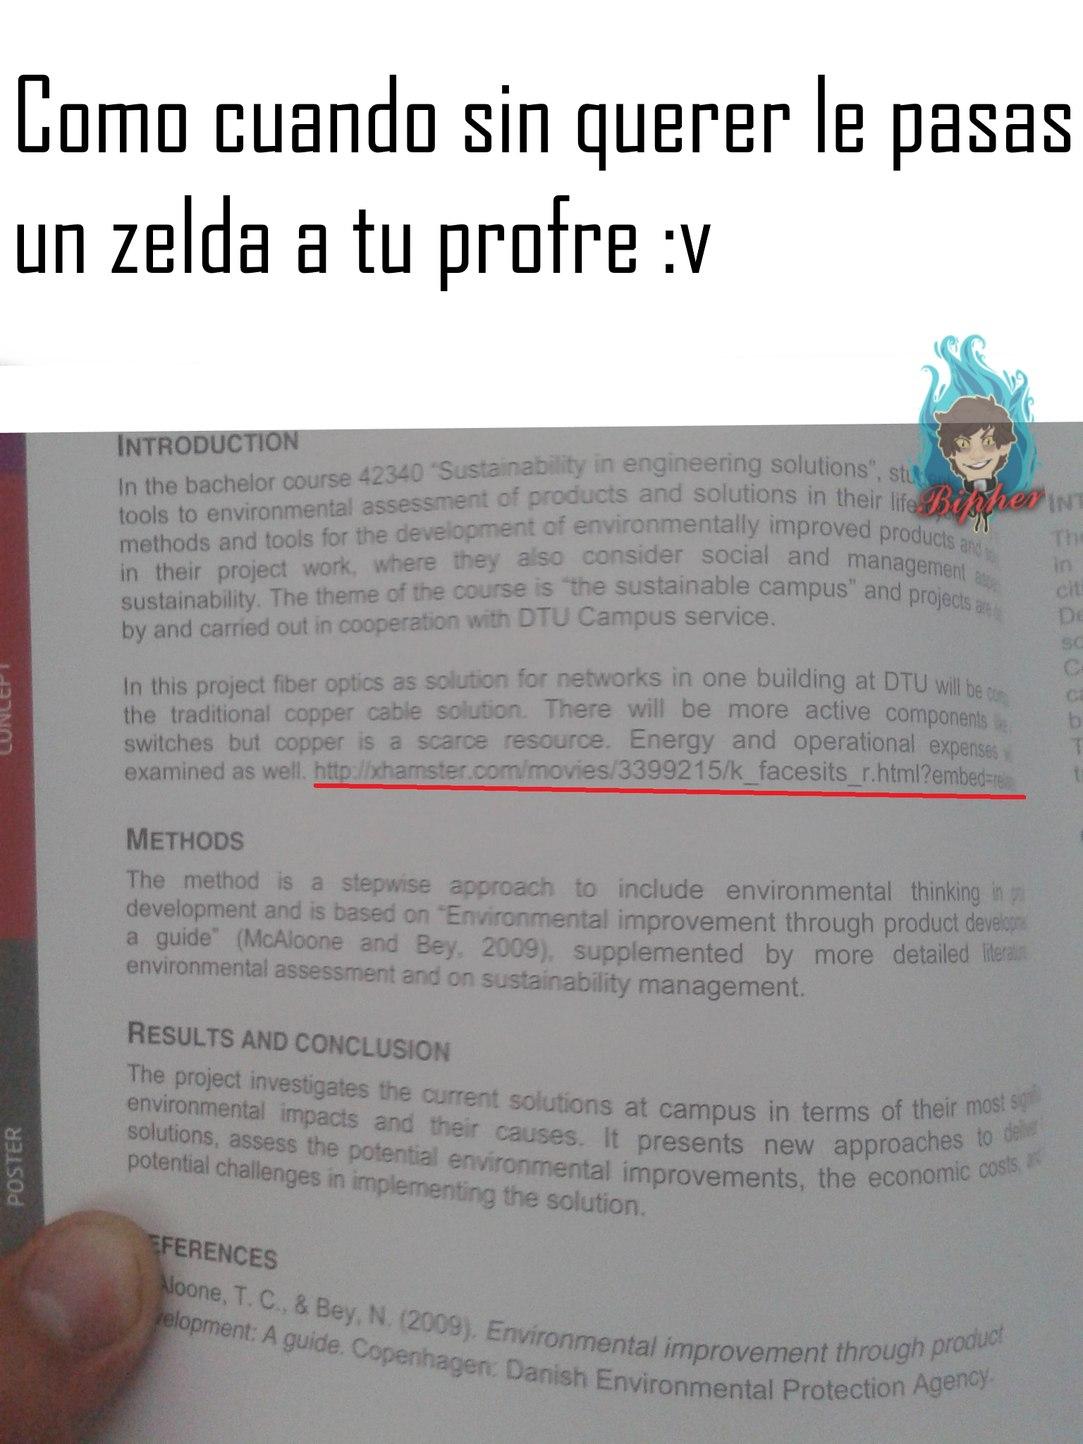 Zelda rufian >:v - meme